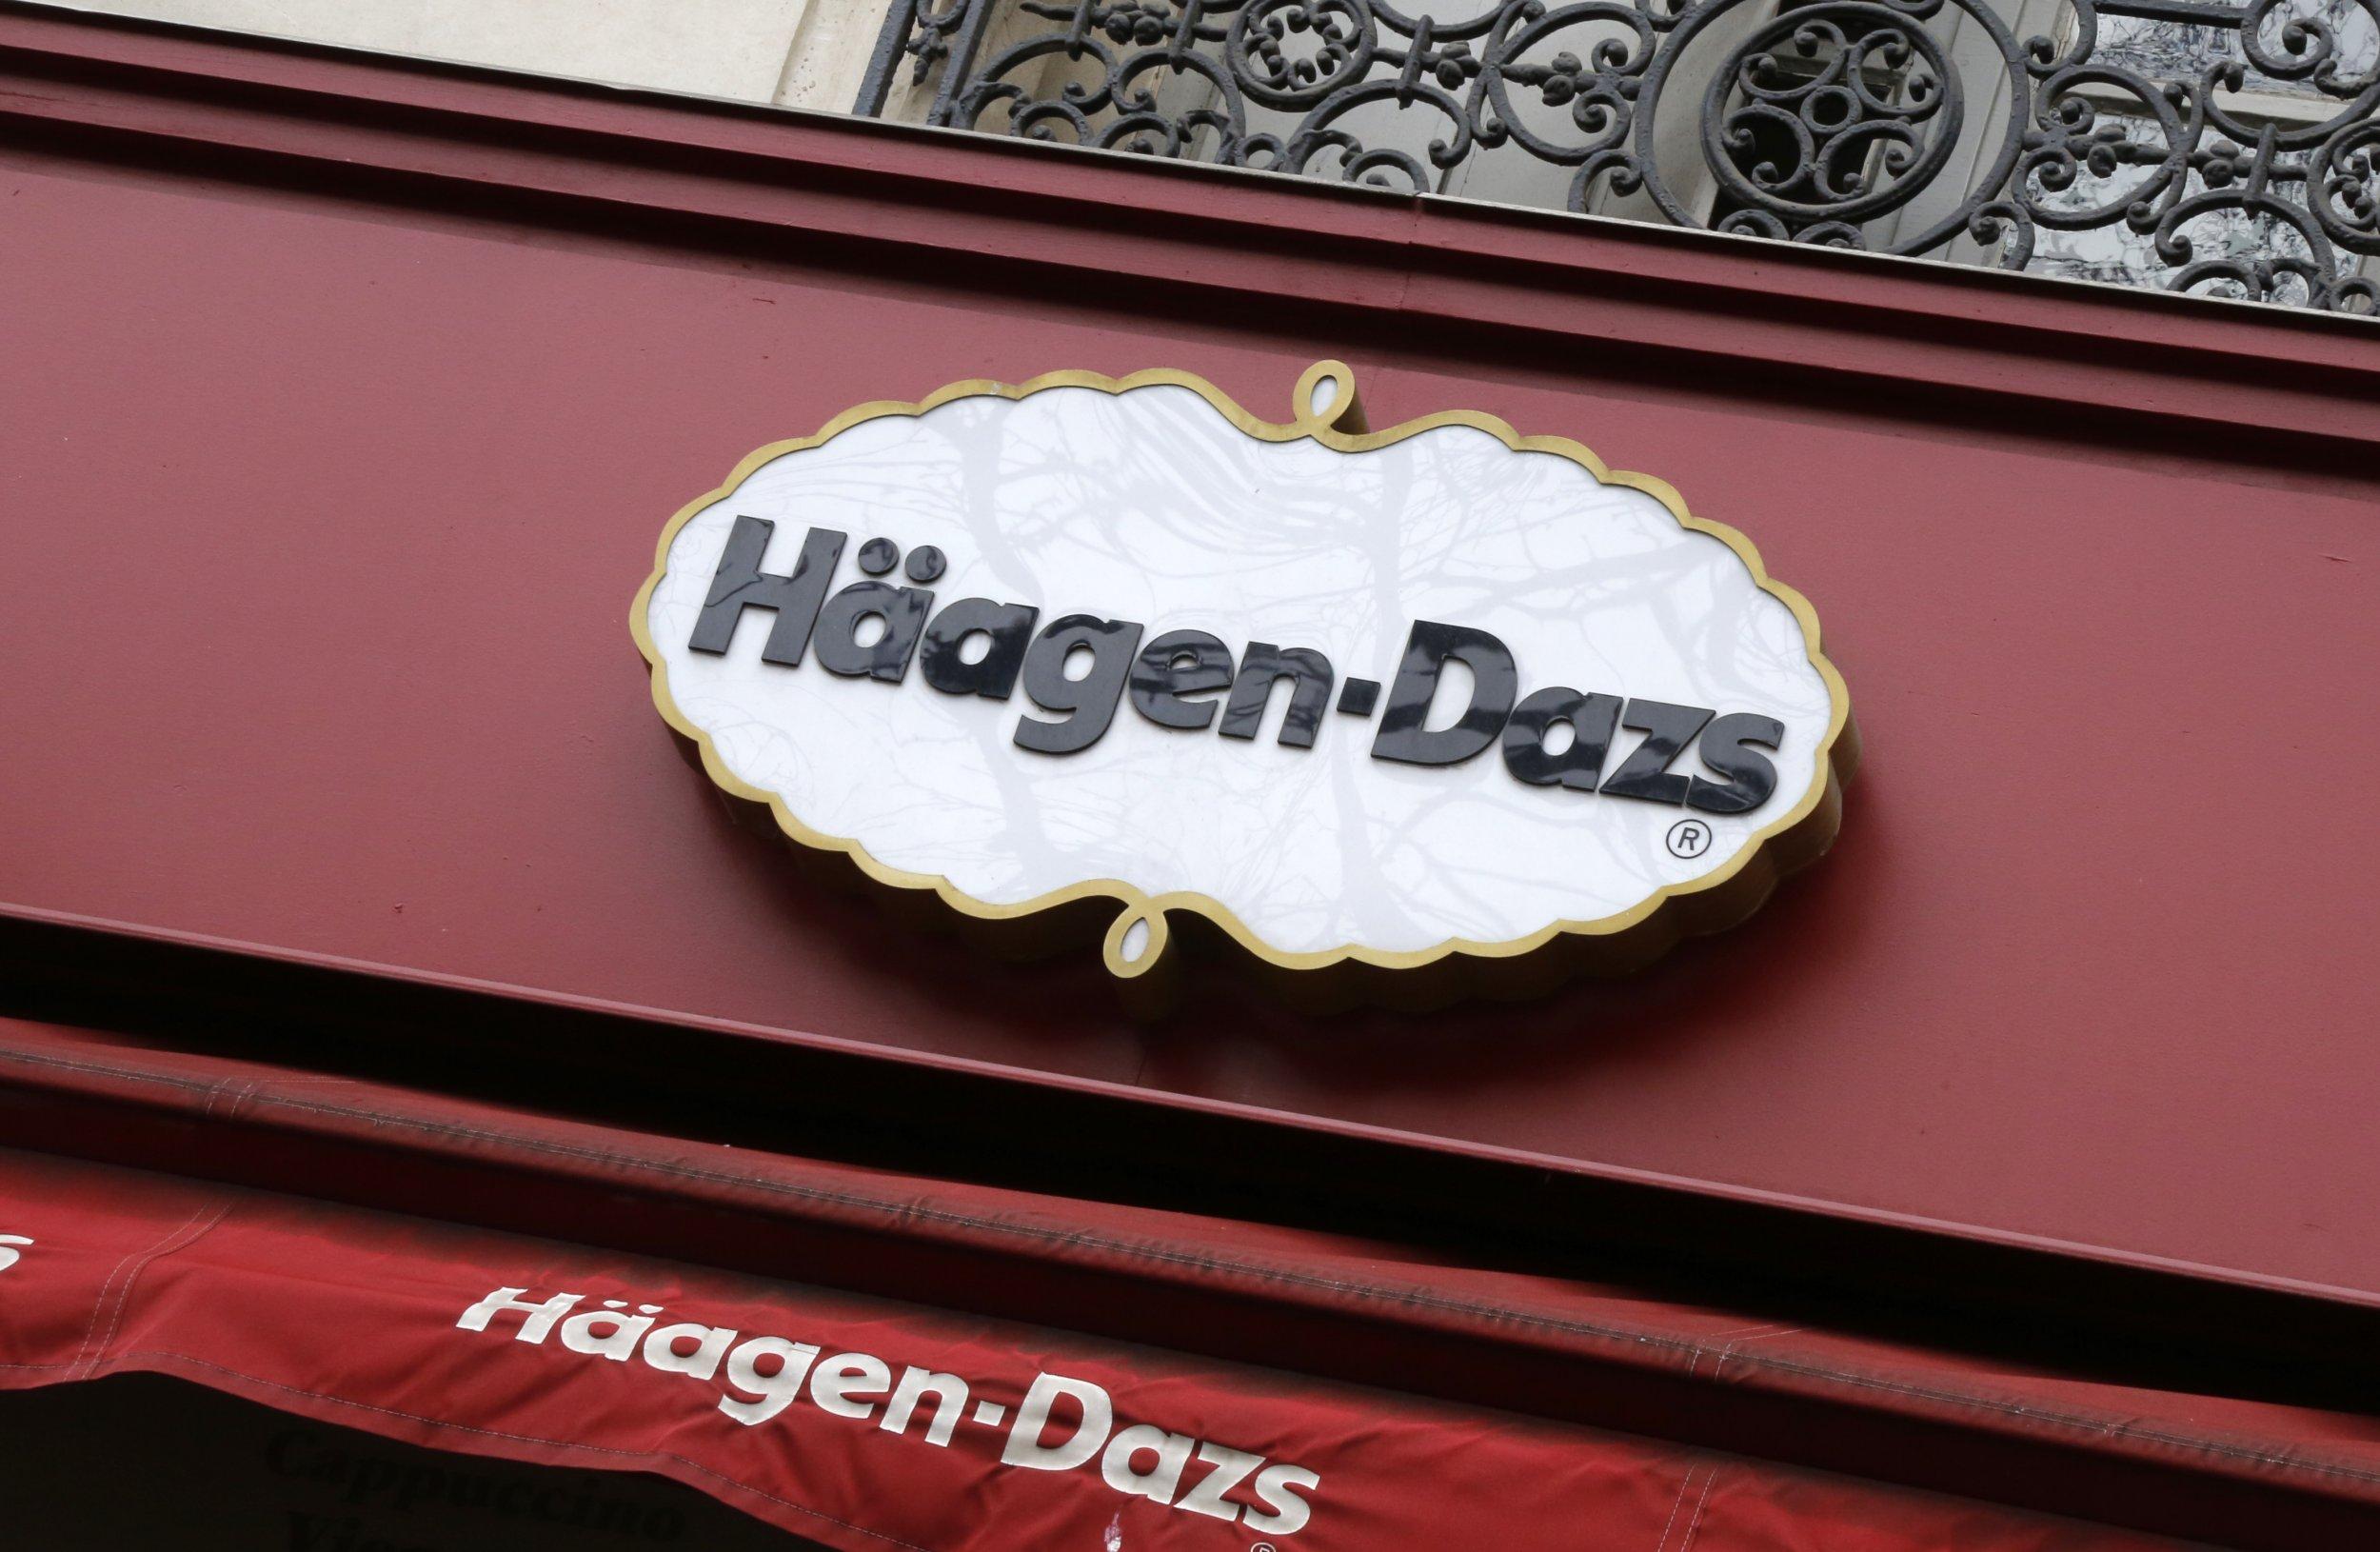 Haaden-Dazs